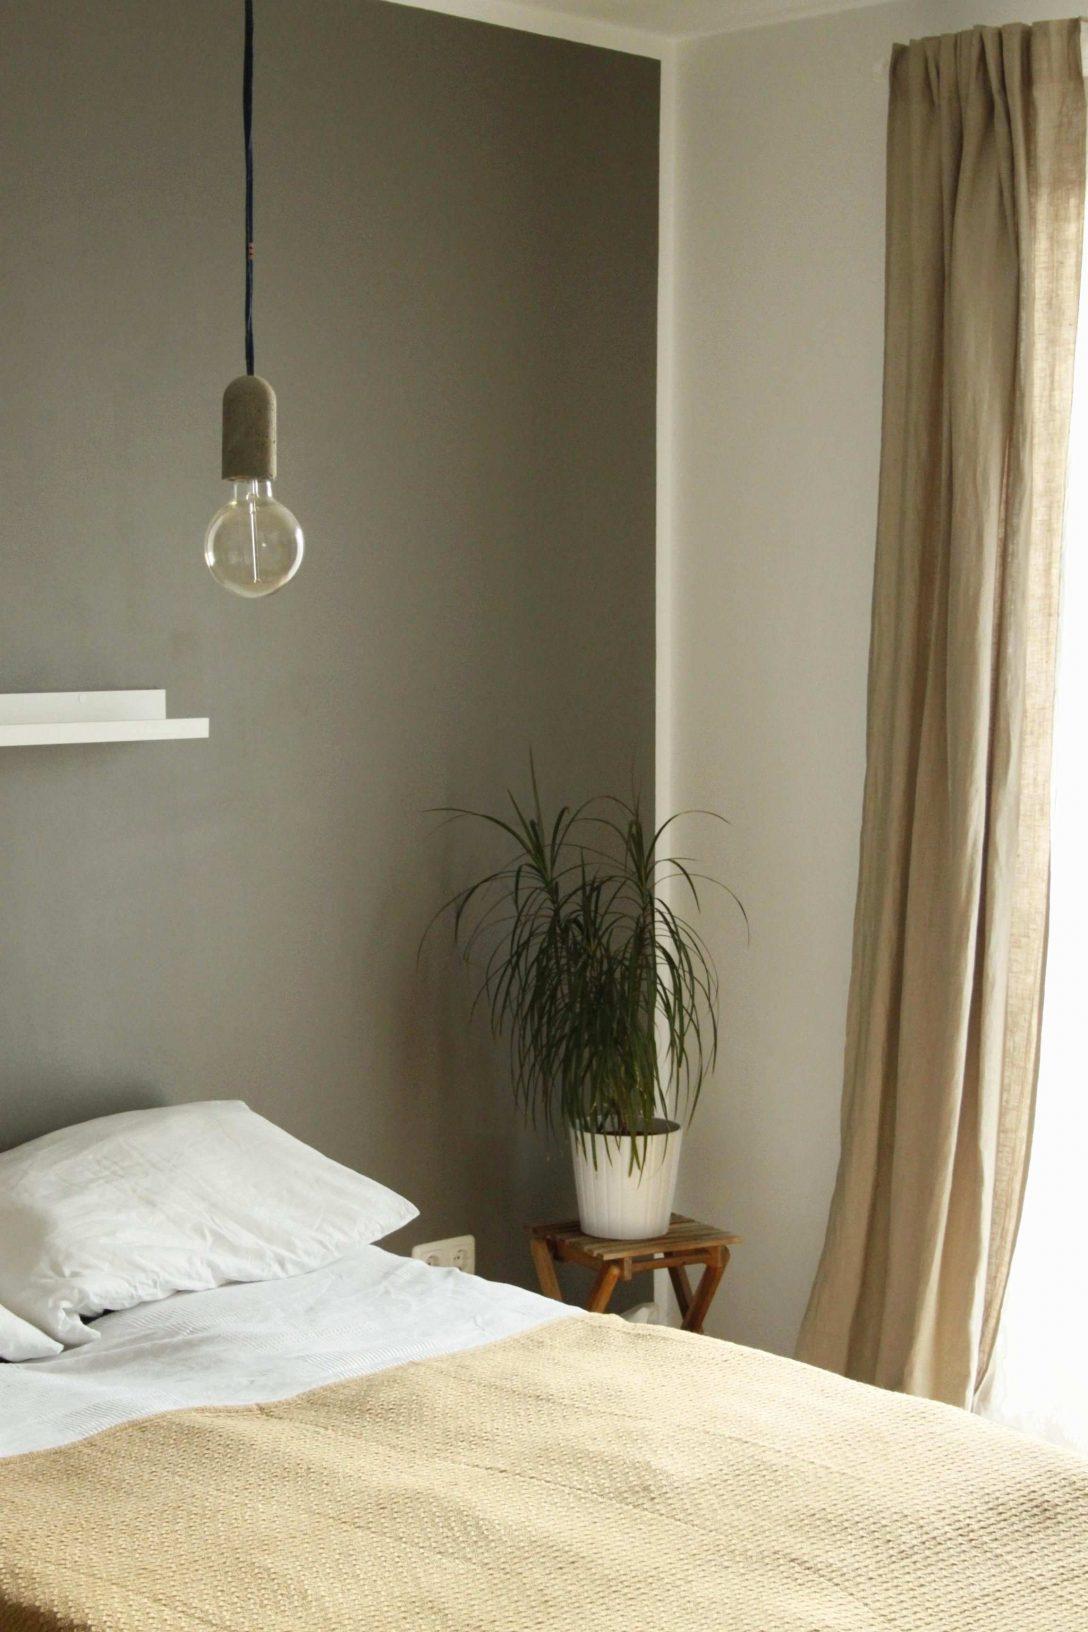 Large Size of Deckenleuchten Schlafzimmer Ikea Designer Romantisch Amazon Obi Ebay Modern Led Design Schränke Komplett Weiß Günstig Set Deckenlampe Betten Günstige Poco Schlafzimmer Deckenleuchten Schlafzimmer